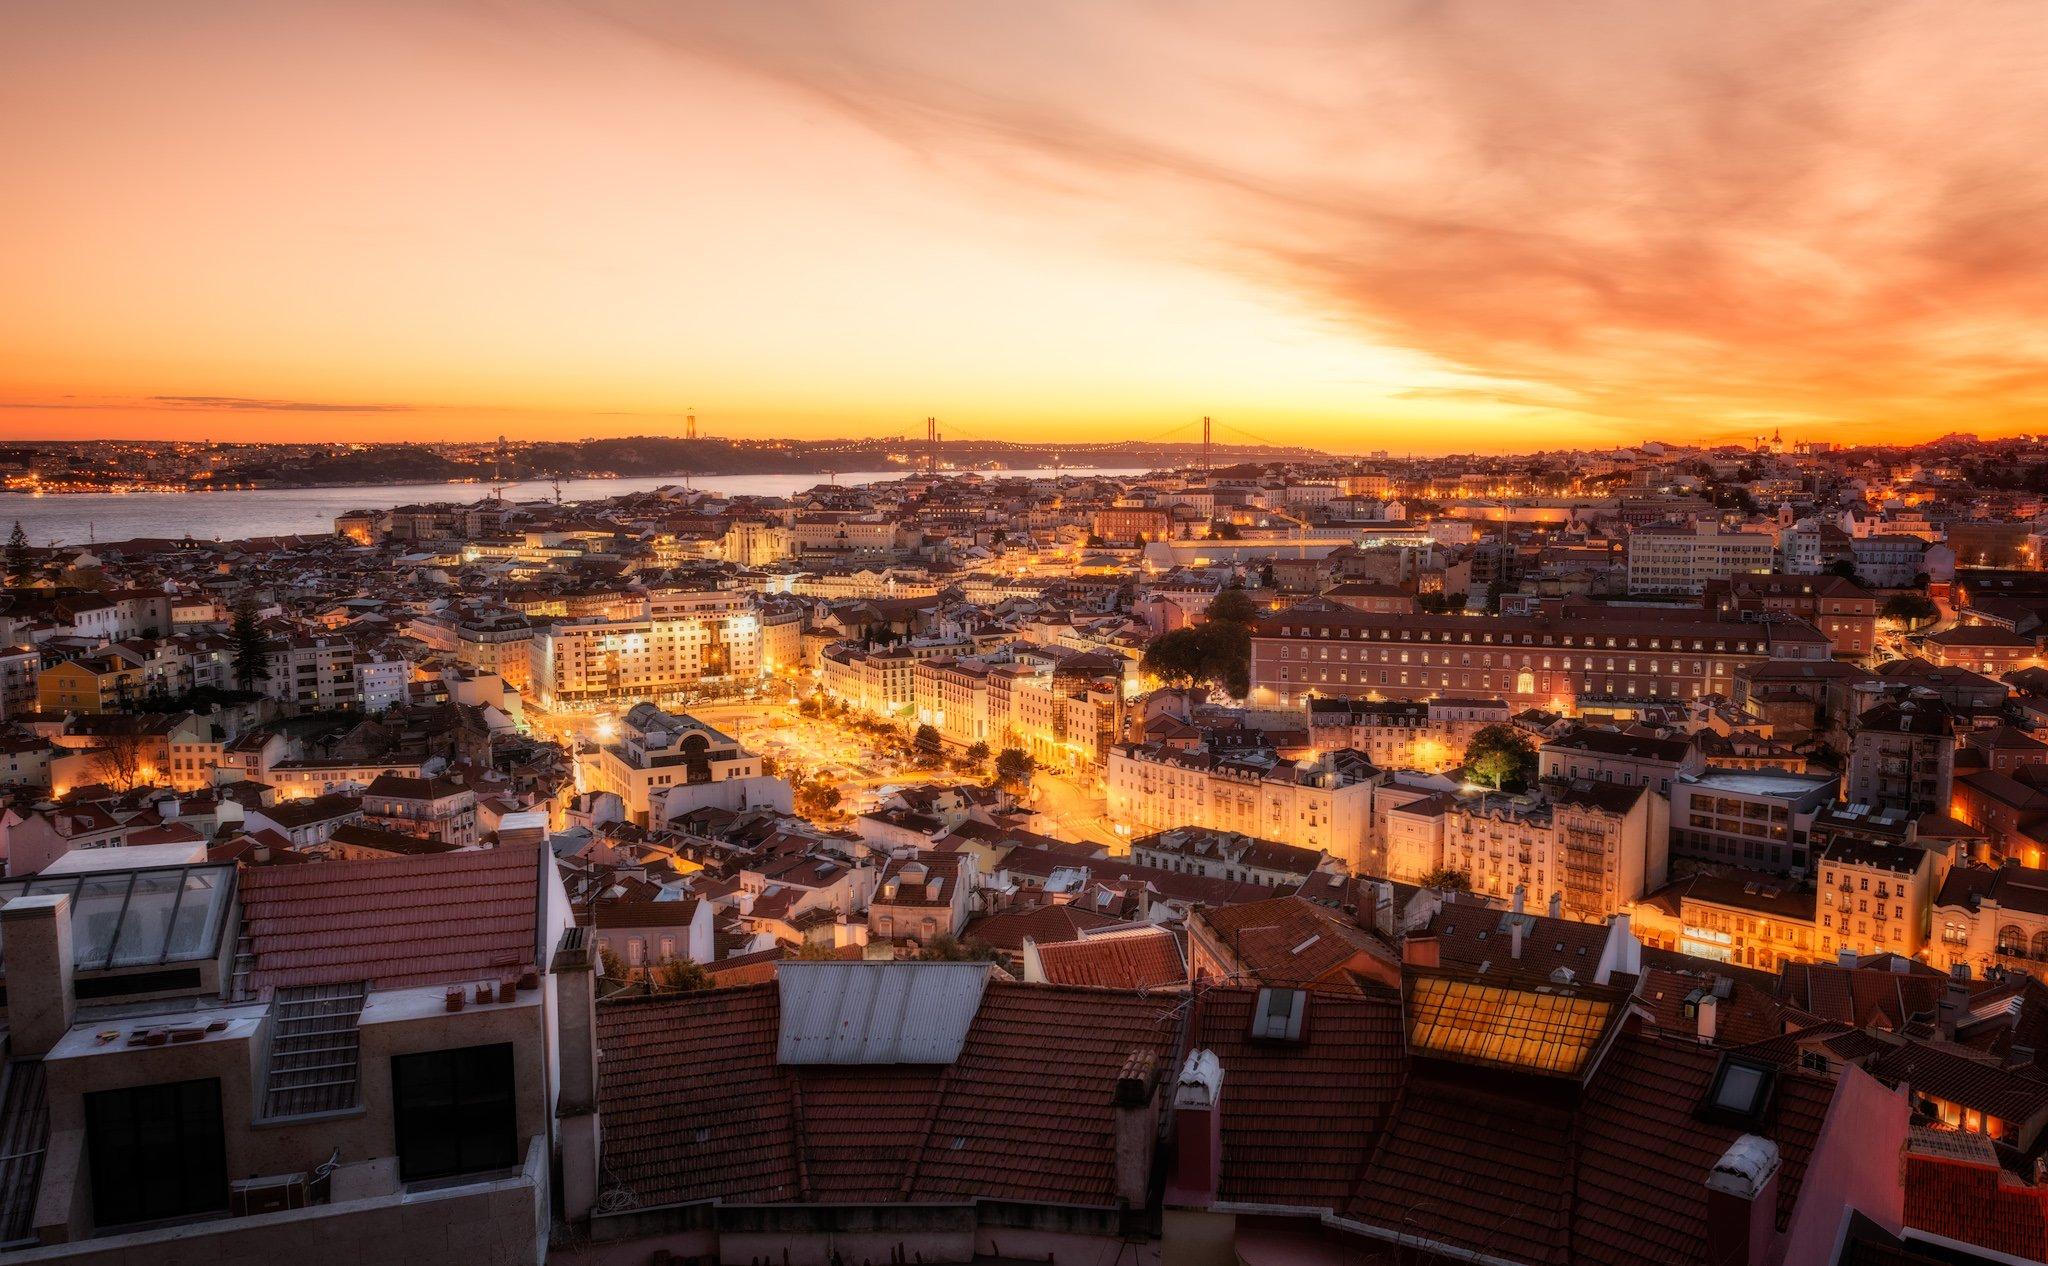 Widok zachodu słońca | Lizbona, Portugalia